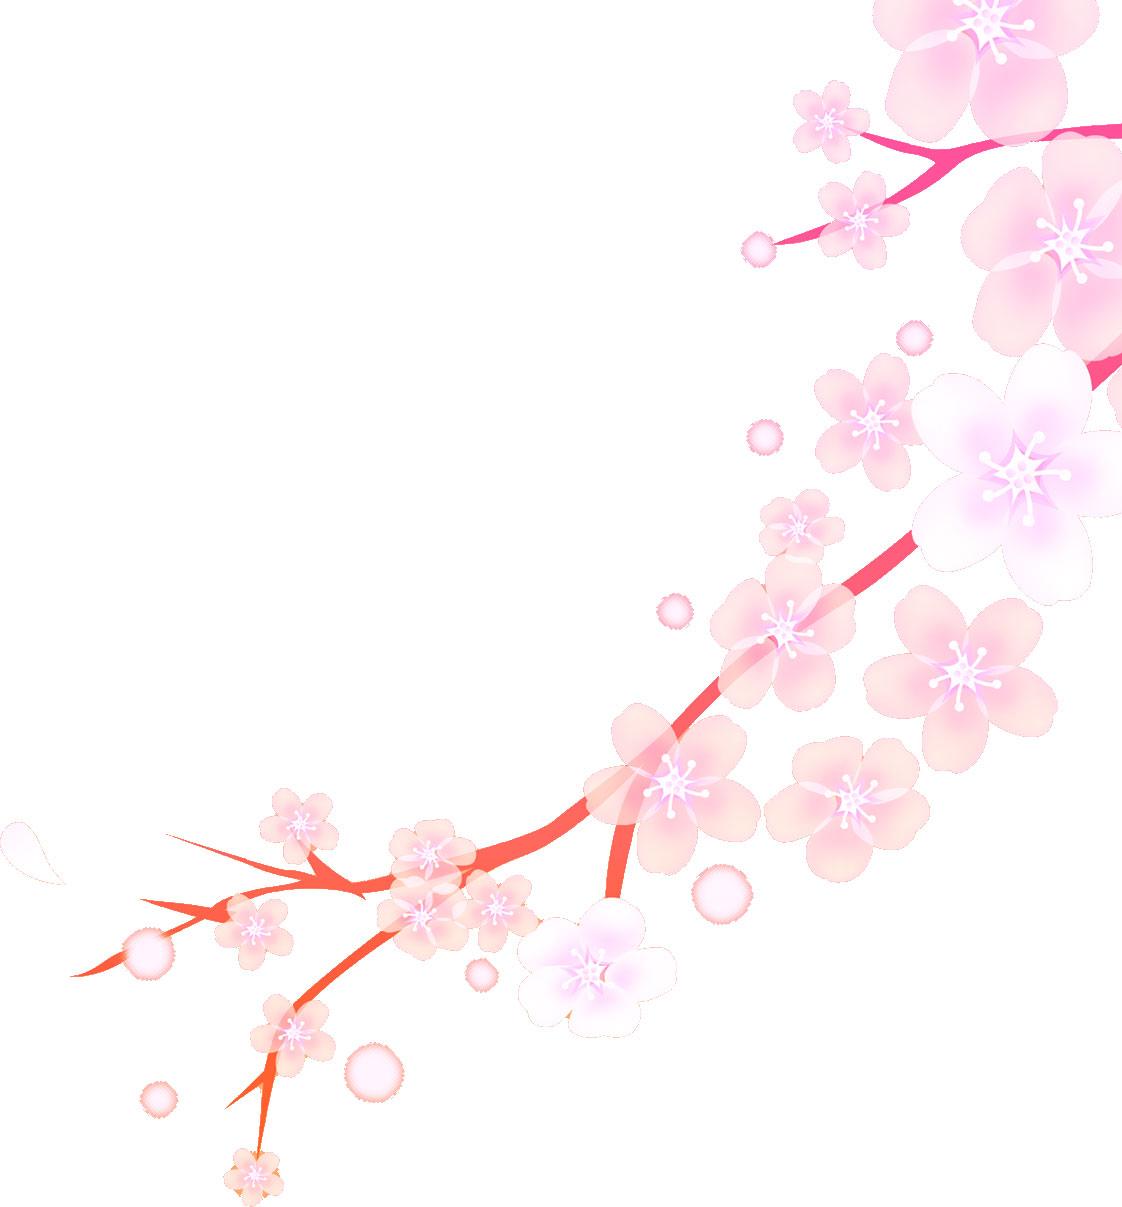 桜の花・桜の花びらイラスト画像【春】 - naver まとめ